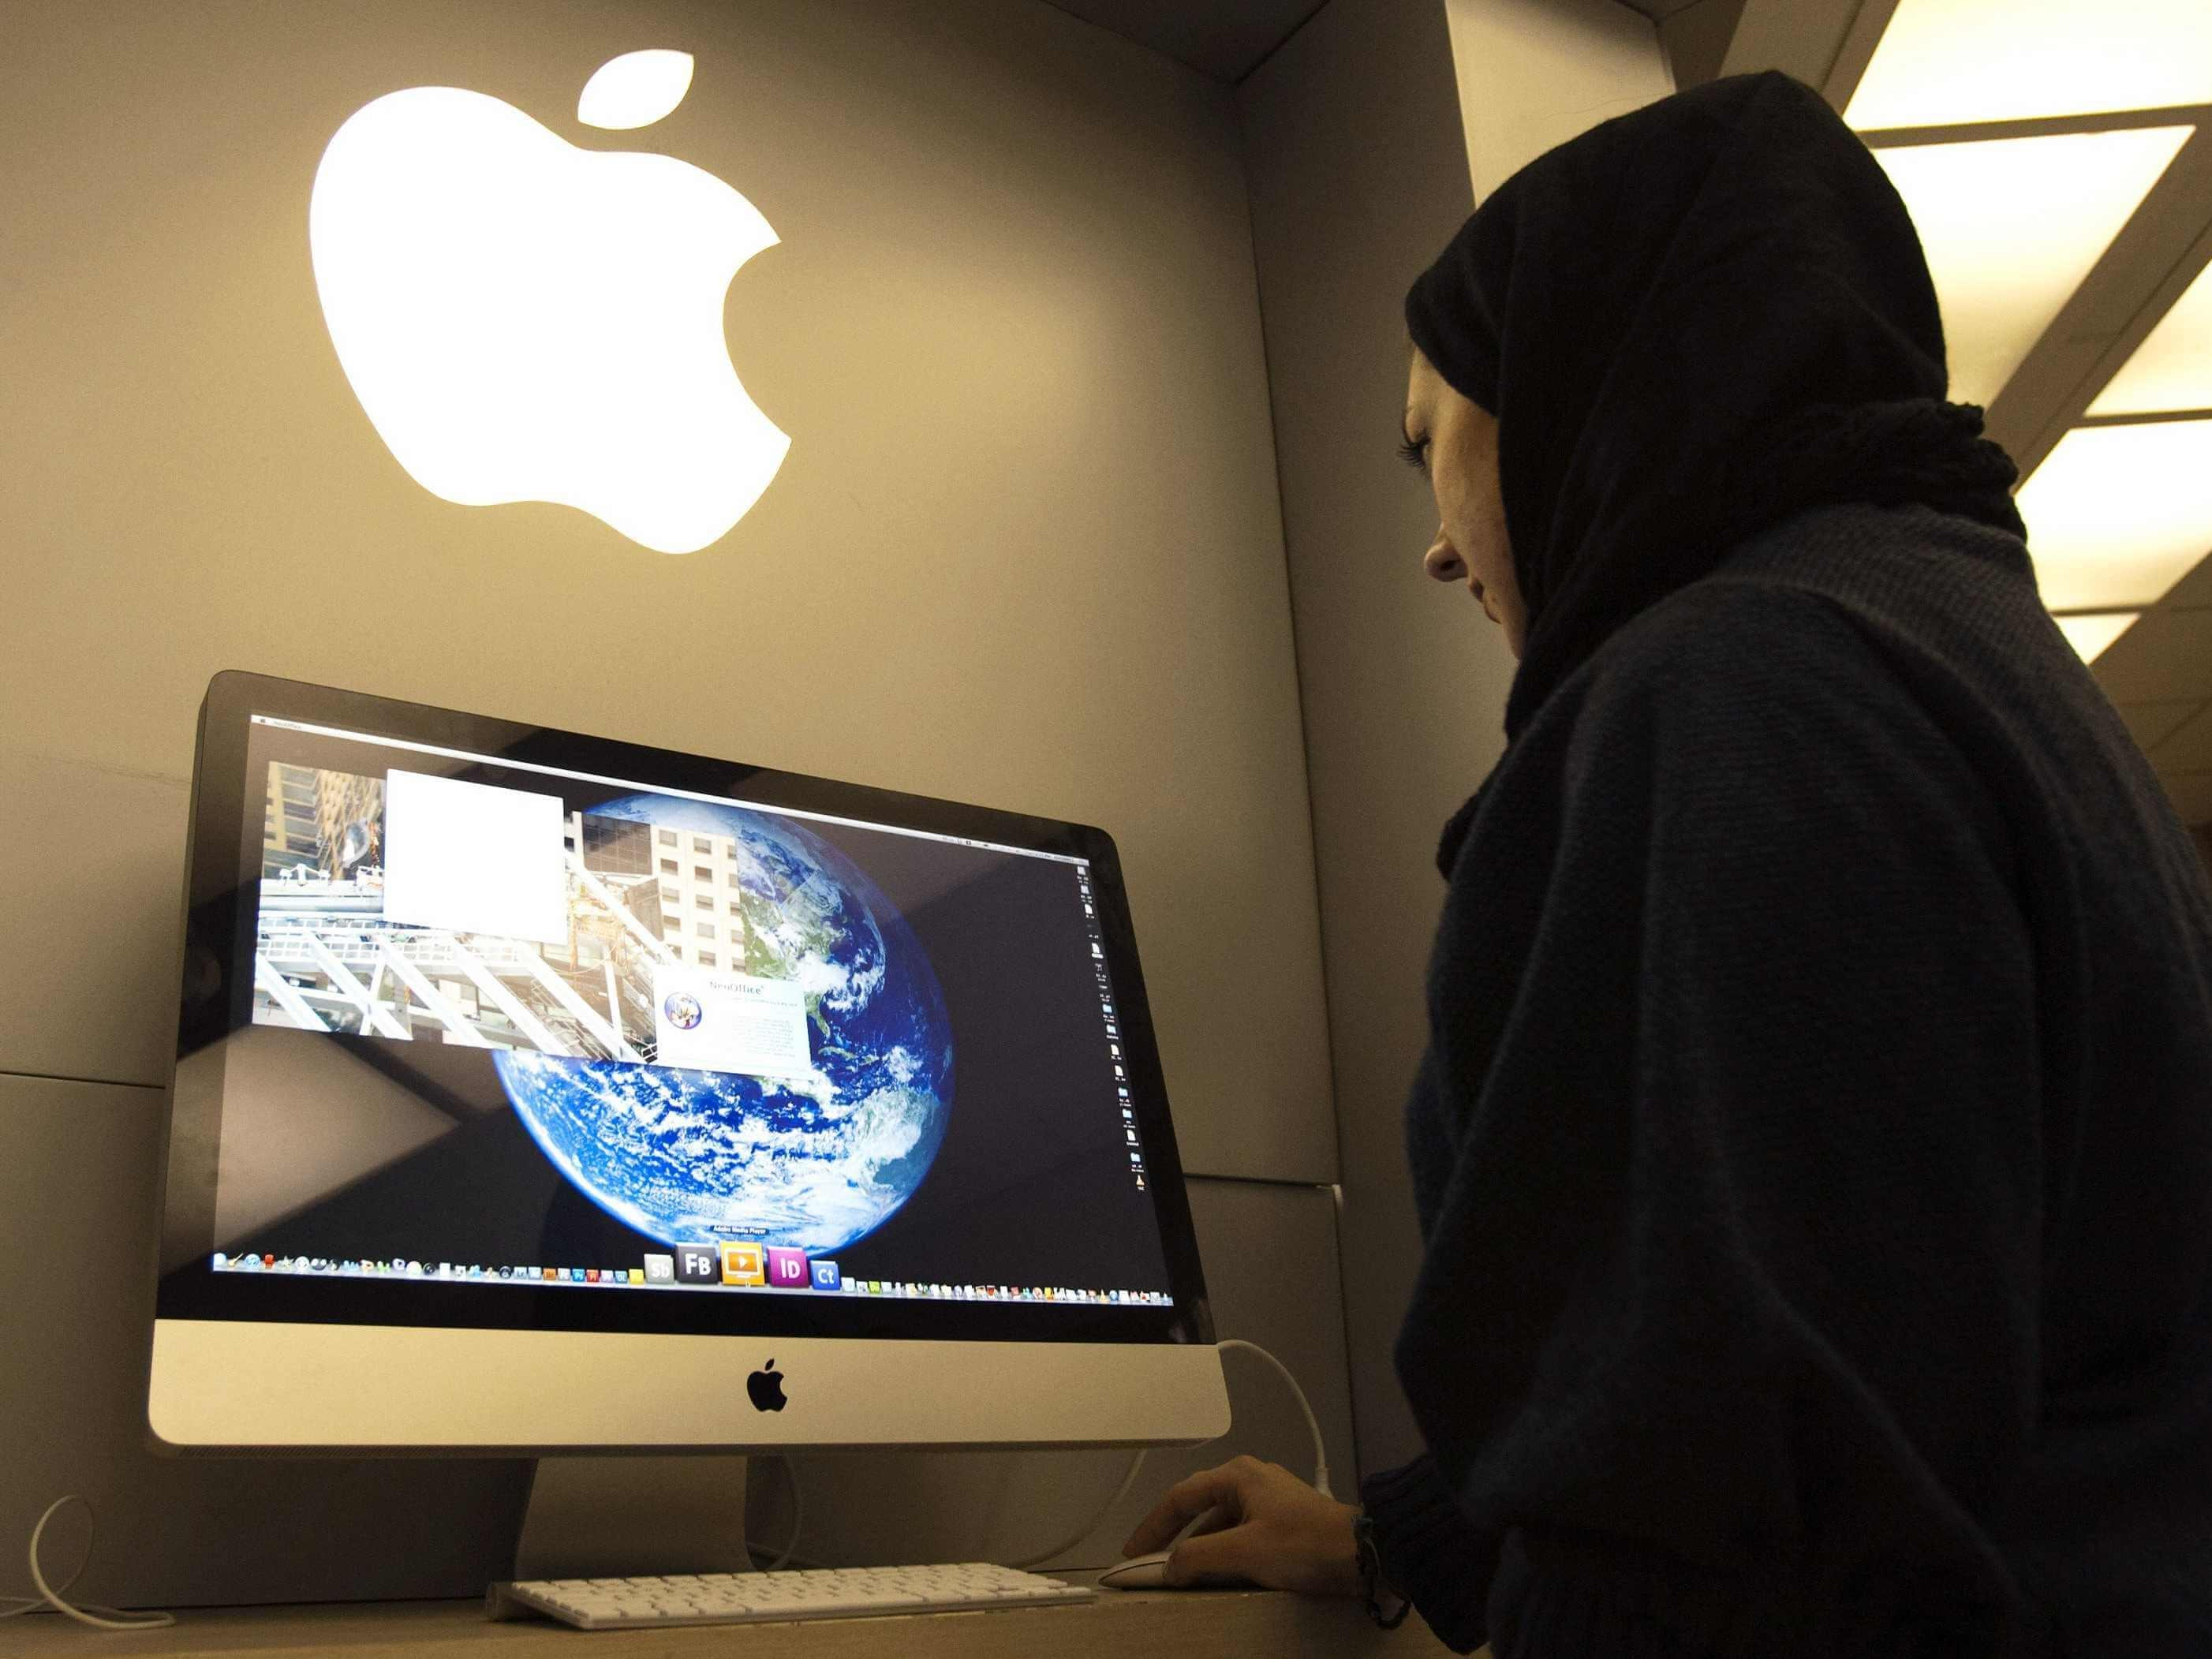 Очередные санкции от США: Apple удаляет все приложения из Ирана в AppStоre